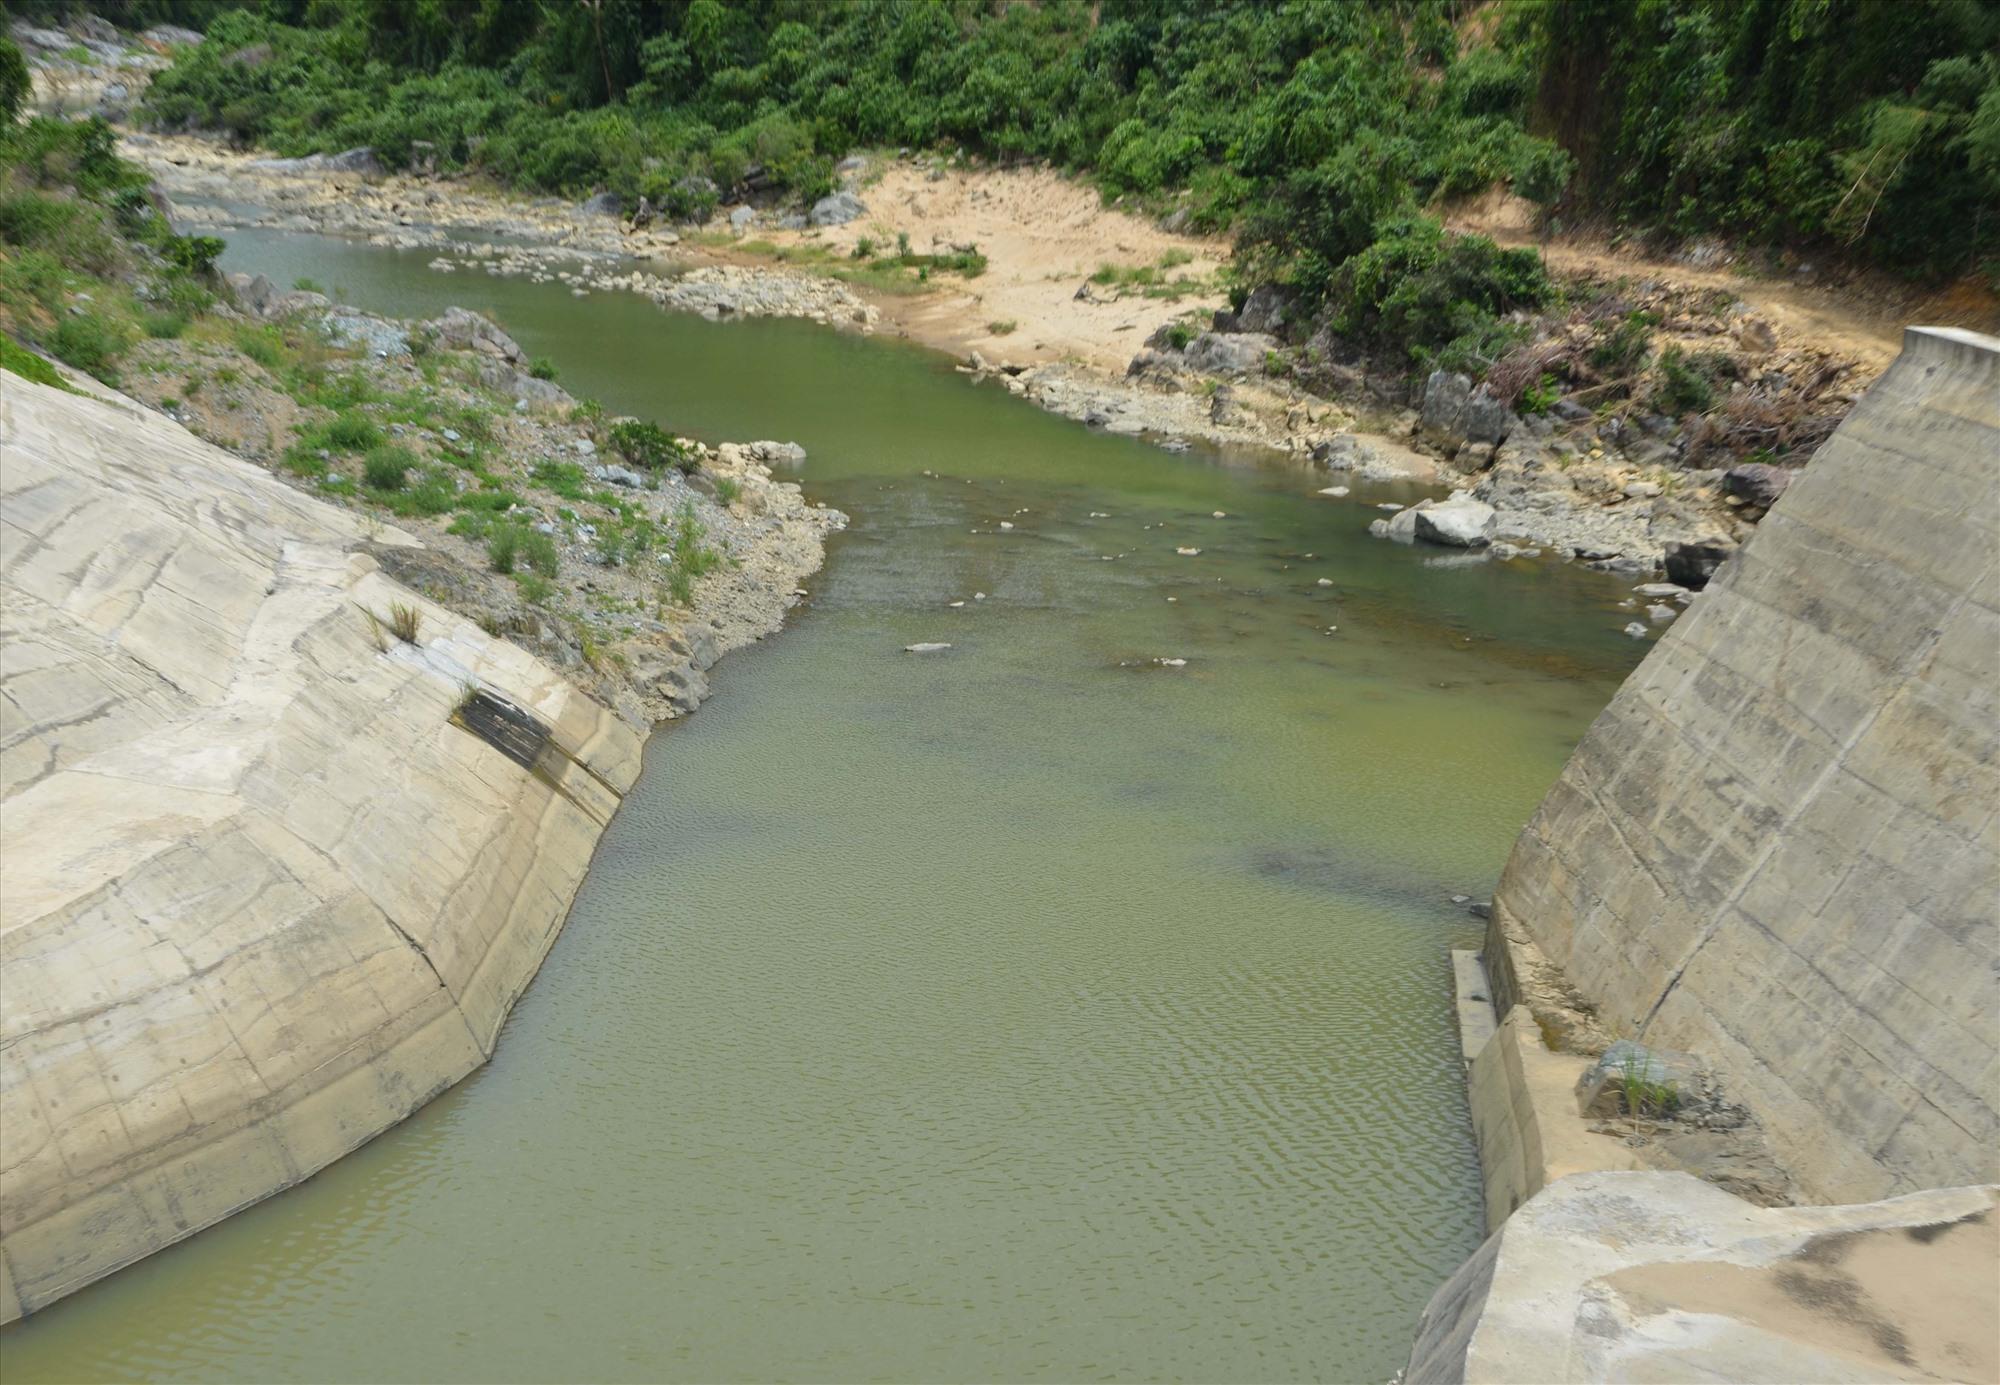 Các hồ chứa thủy điện đang thiếu hụt nguồn nước. Ảnh: HỮU PHÚC